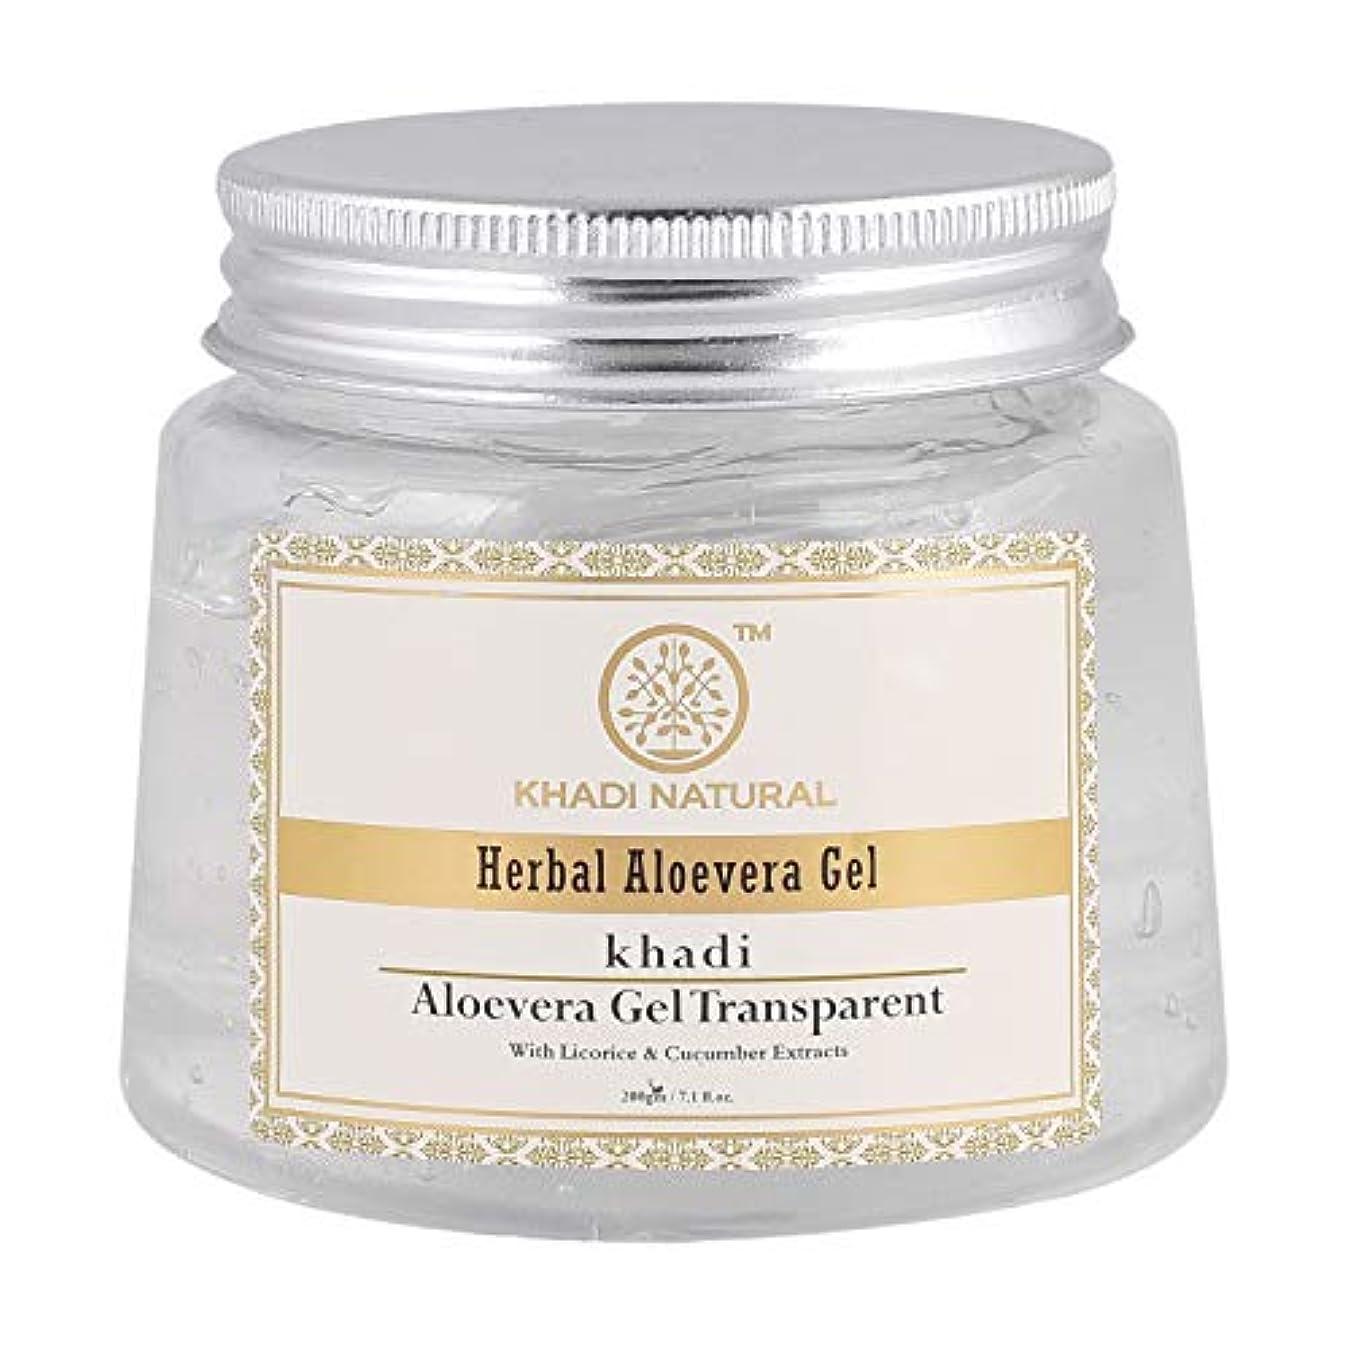 ティームオーラル用心するKhadi Natural Herbal Aloevera Gel With Liqorice & Cucumber Extracts 200g